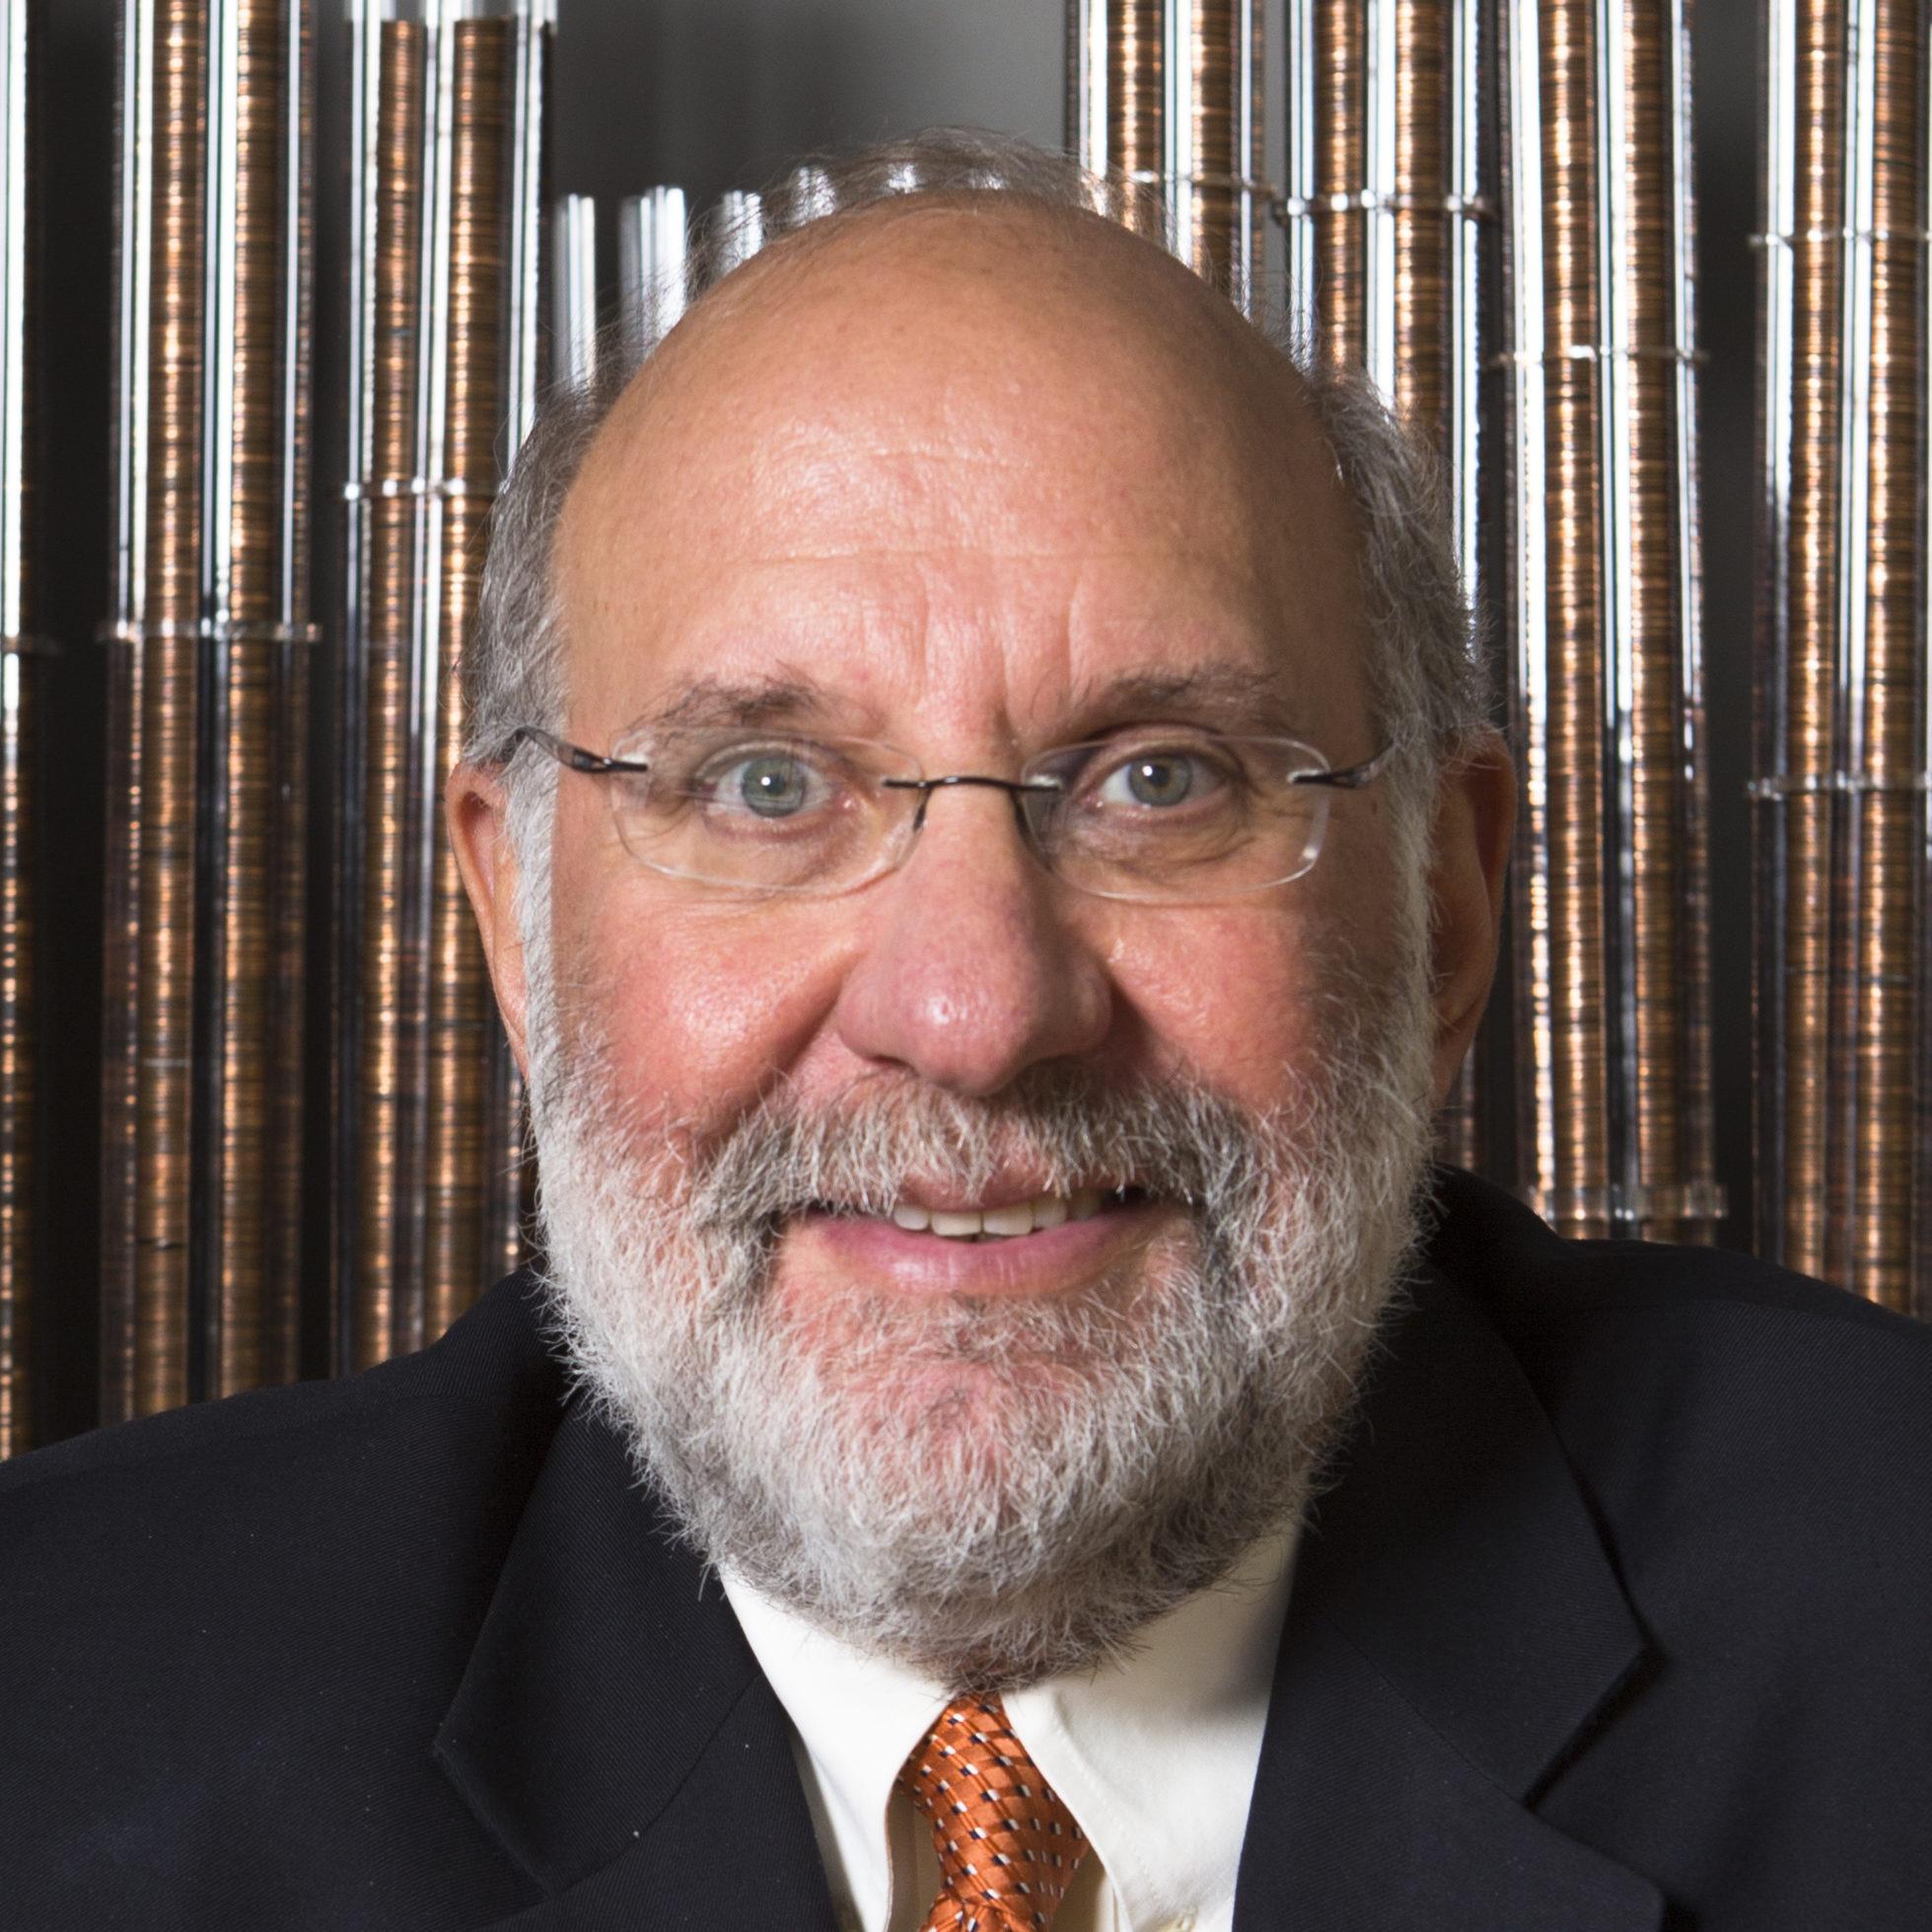 David P. Dobkin